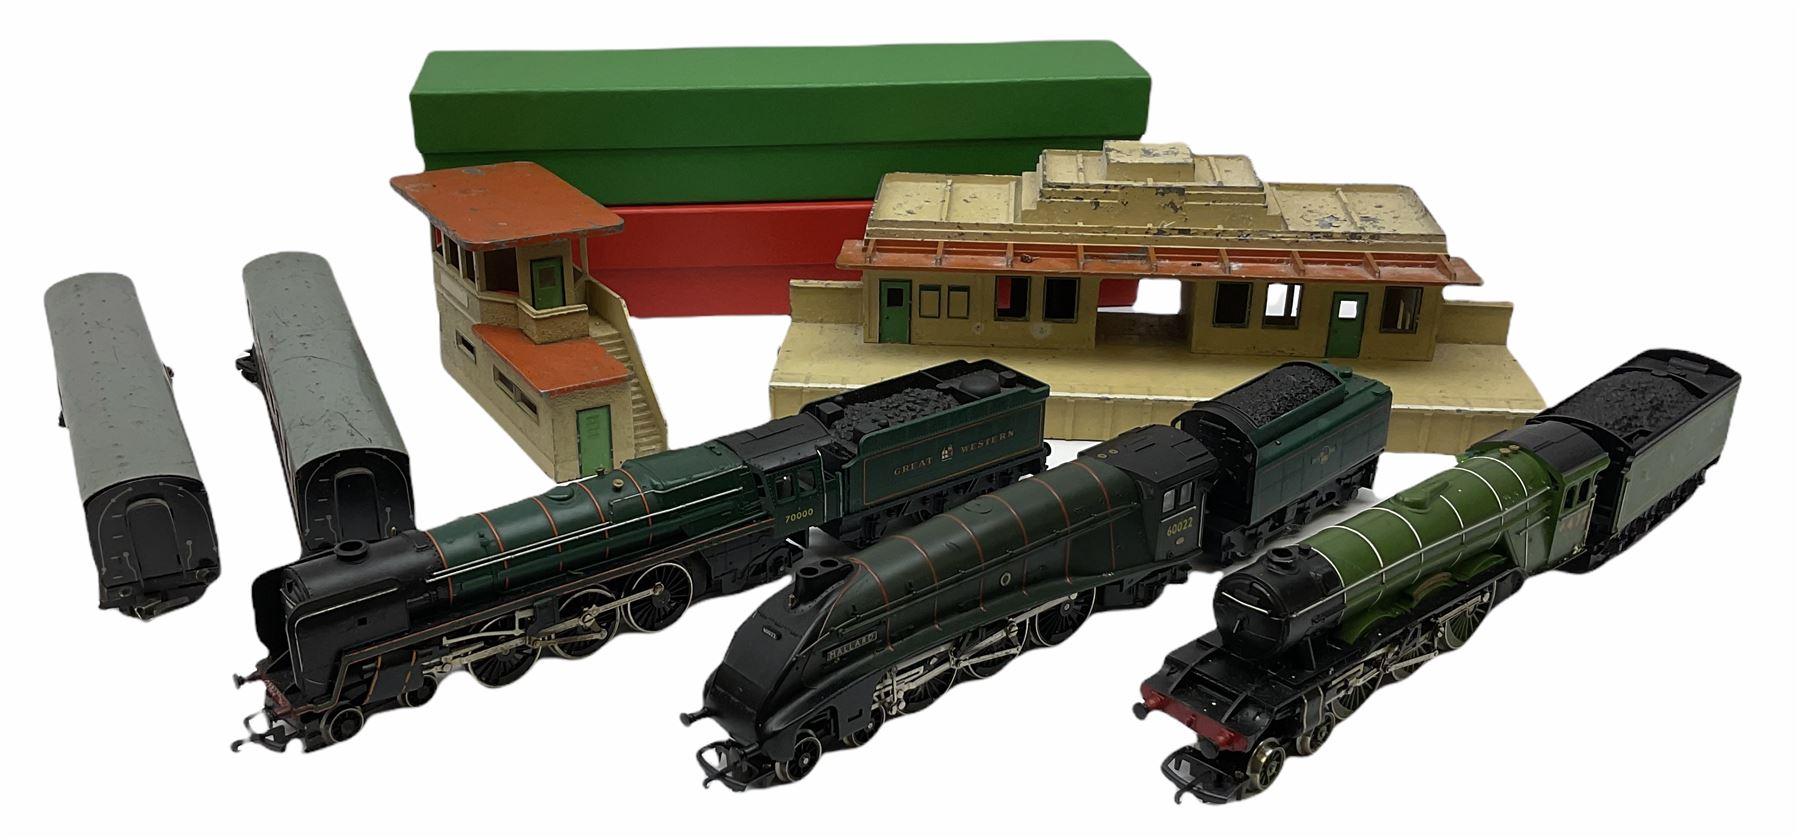 Hornby '00' gauge - Class A4 4-6-2 locomotive 'Mallard' No.60022; Class A1/A3 4-6-2 locomotive 'Flyi